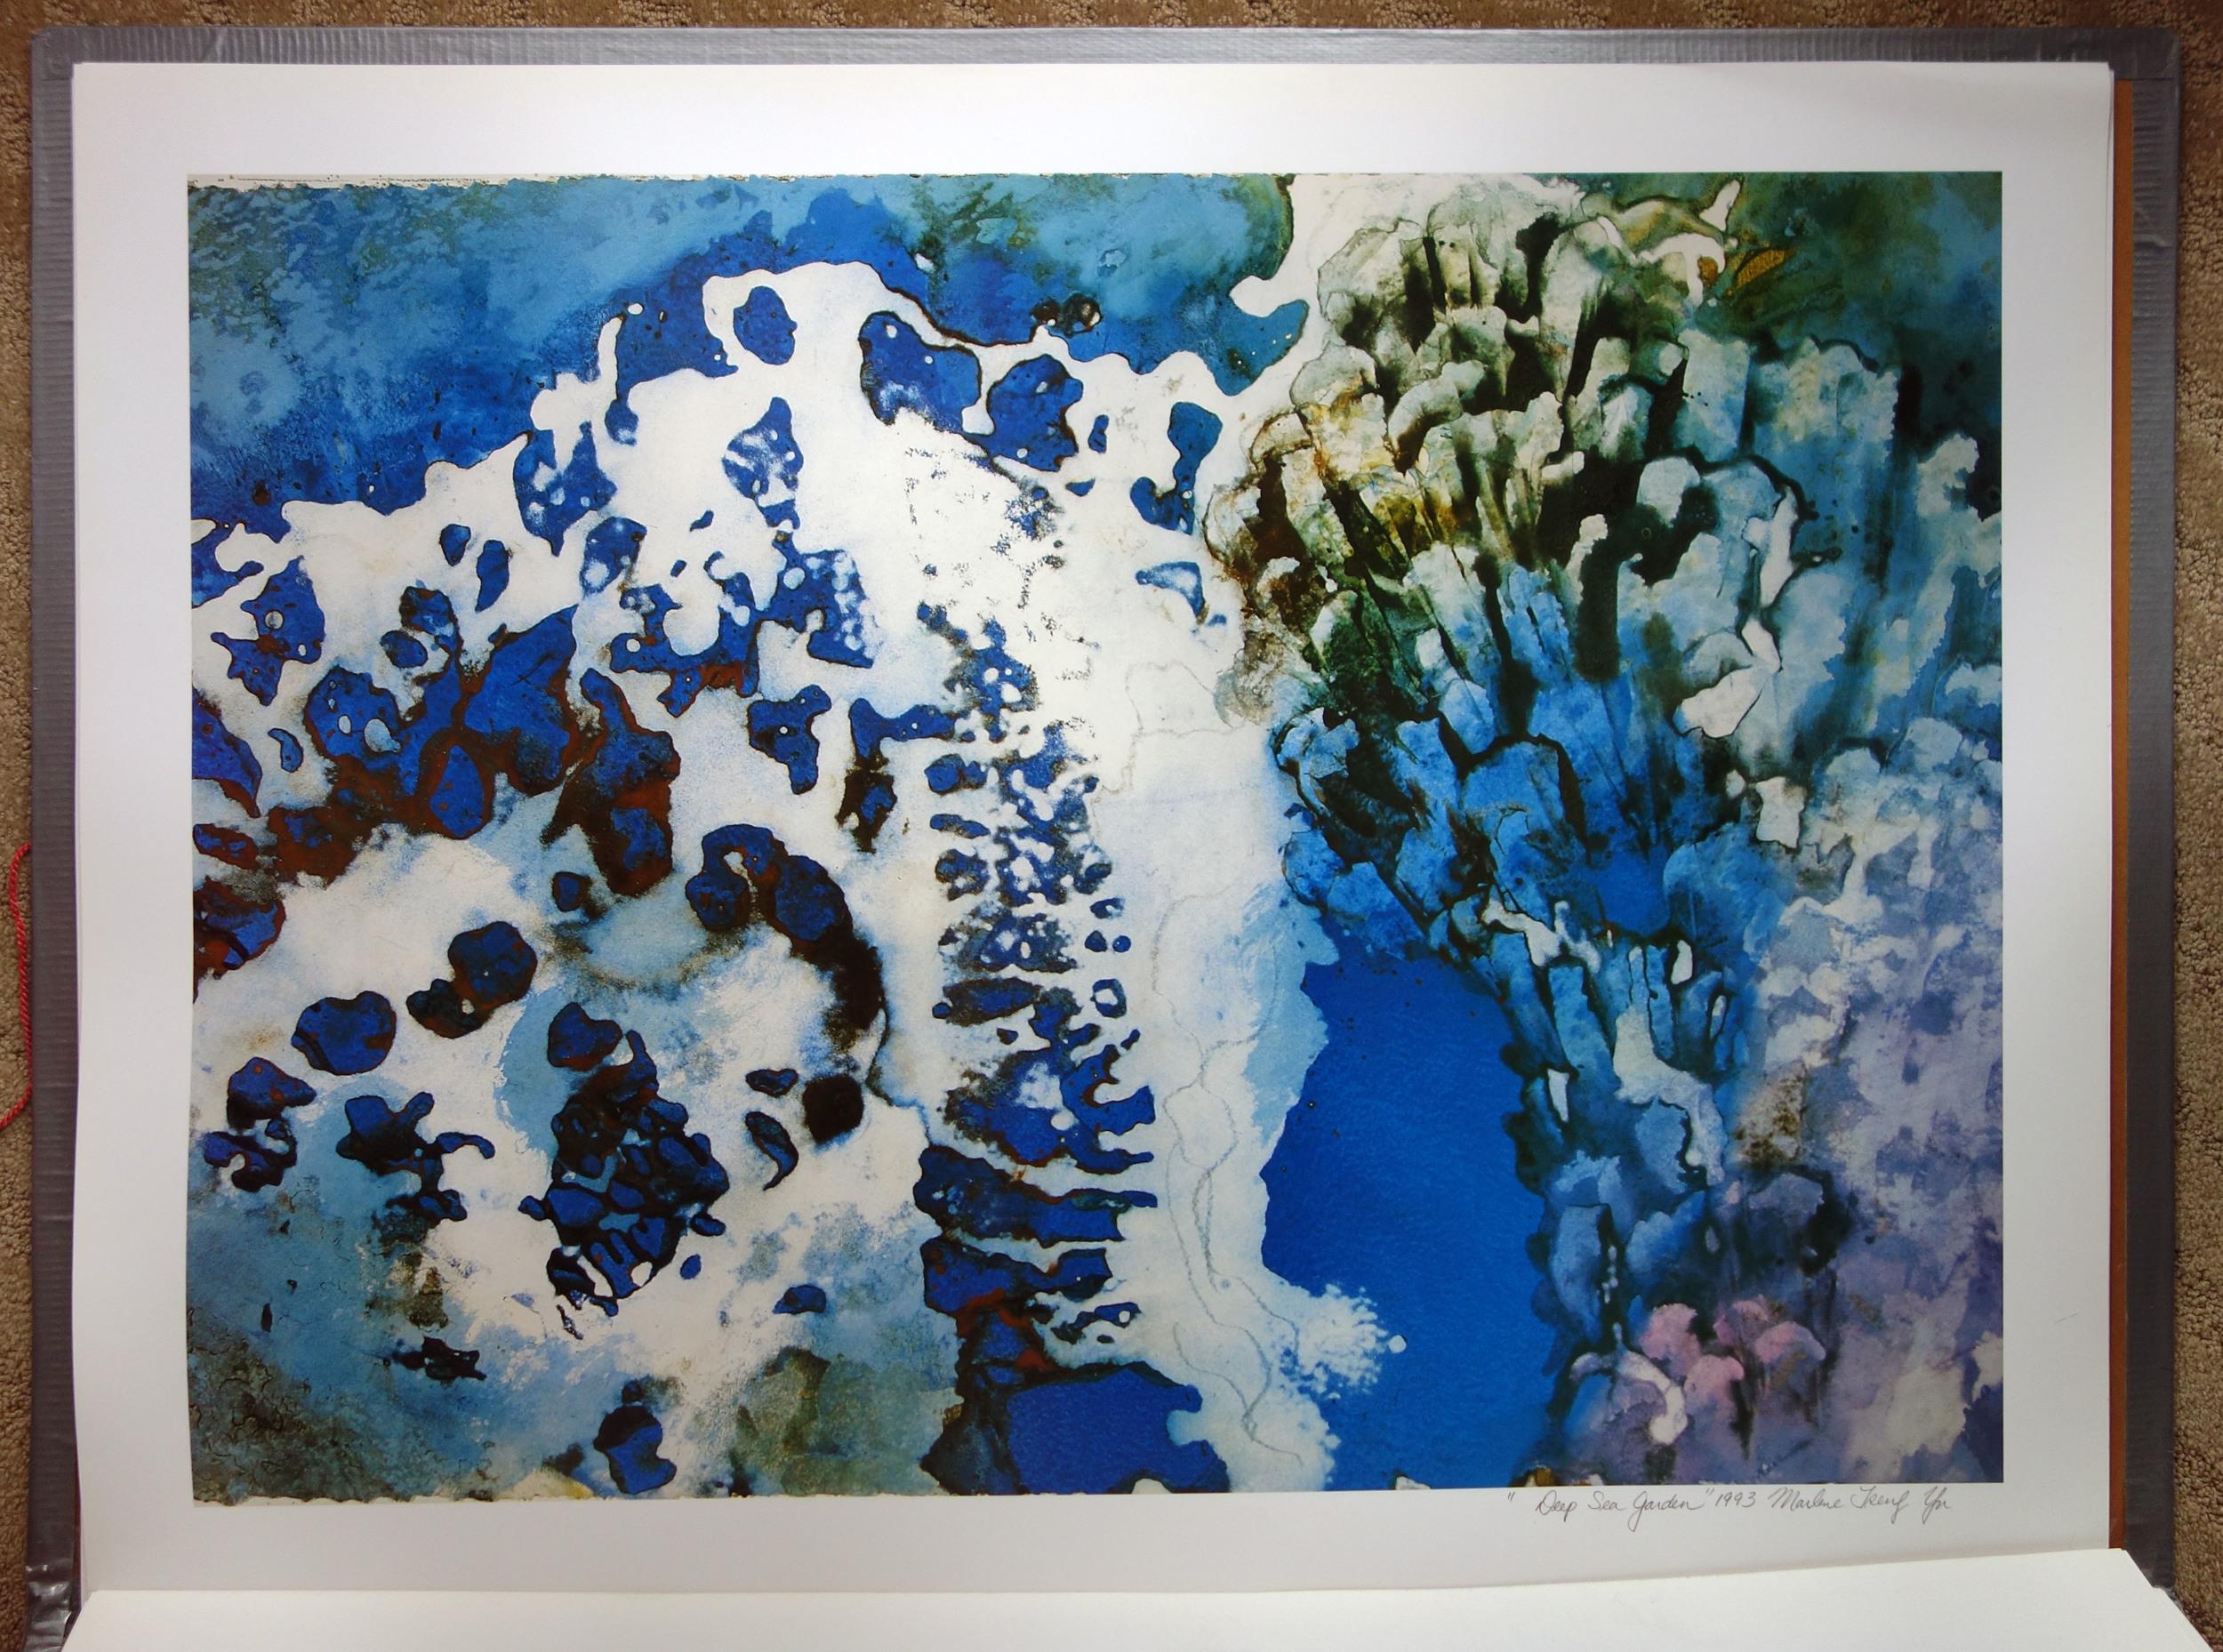 Deep Sea Garden, 1993